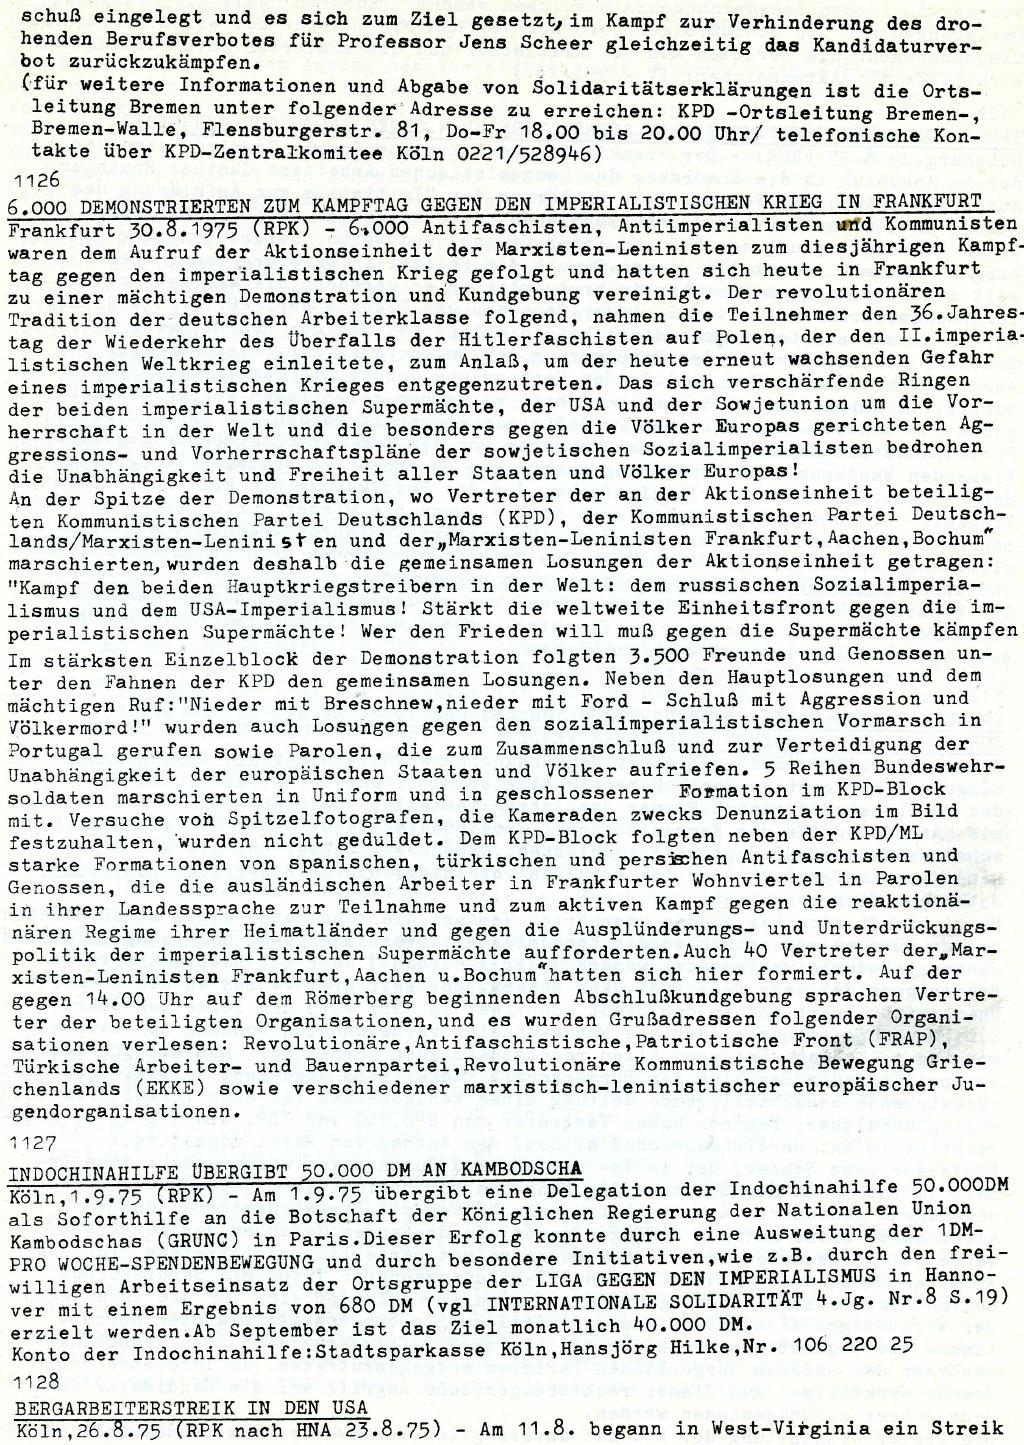 RPK_Pressedienst_1975_41_04